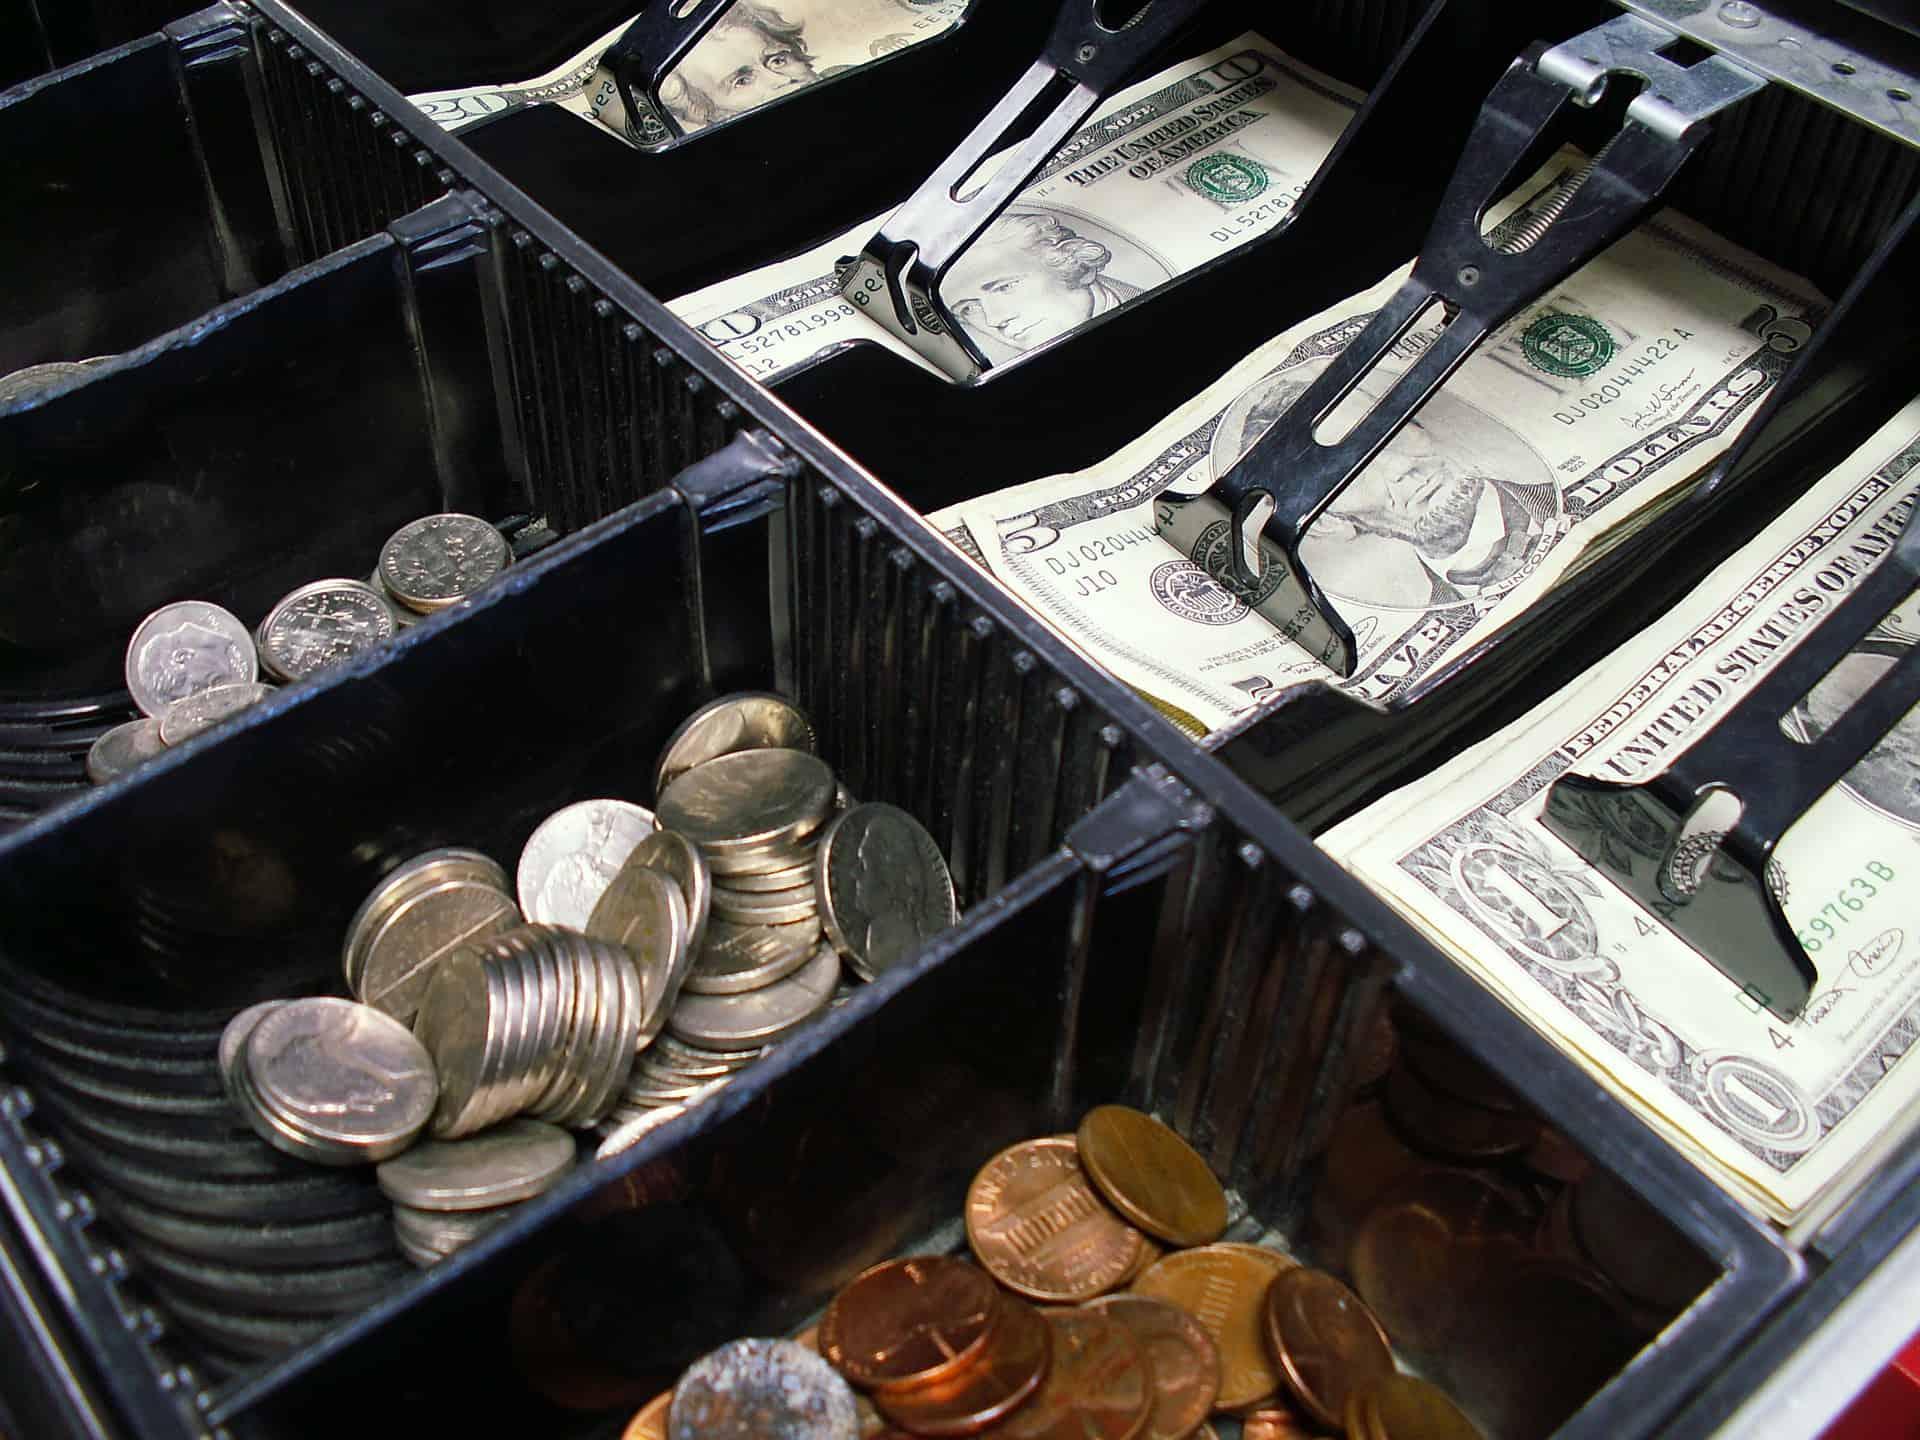 Imagem mostra uma gaveta de dinheiro repleta de notas e moedas de dólares.